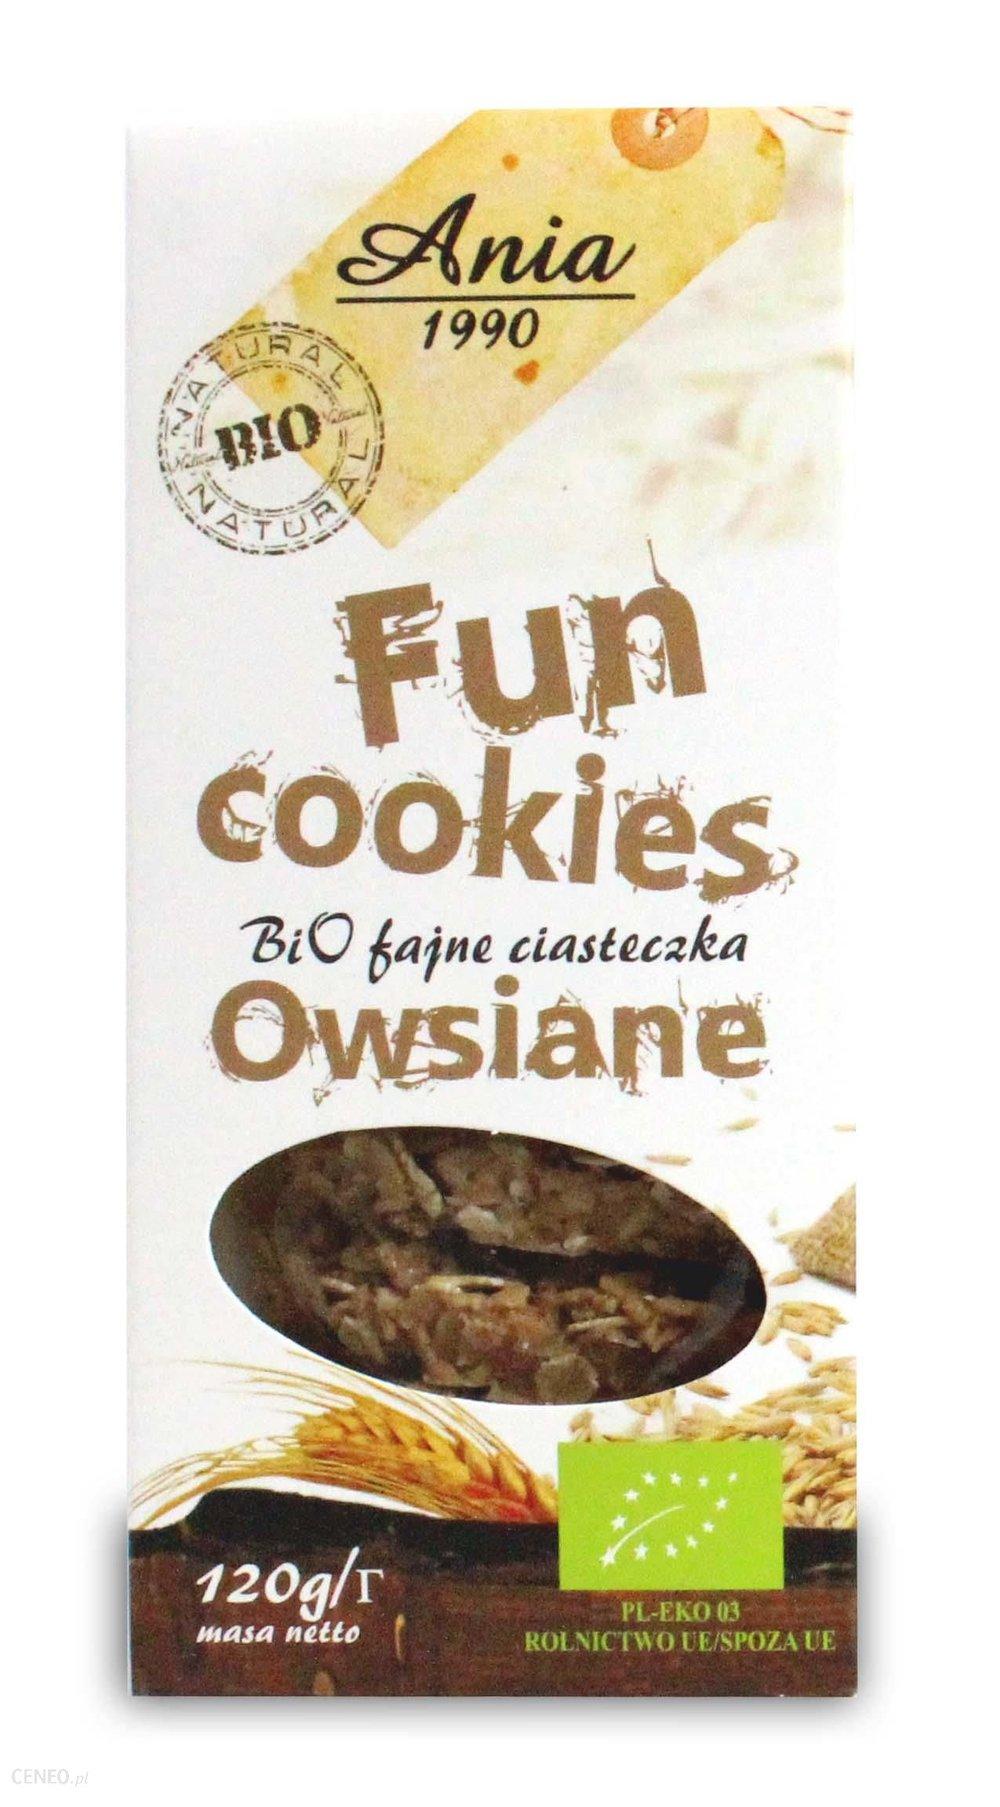 Ciasteczka / Cookies 120g   01035817661930  / [0.485]   Bio Ania-Ciastka Ekologiczne